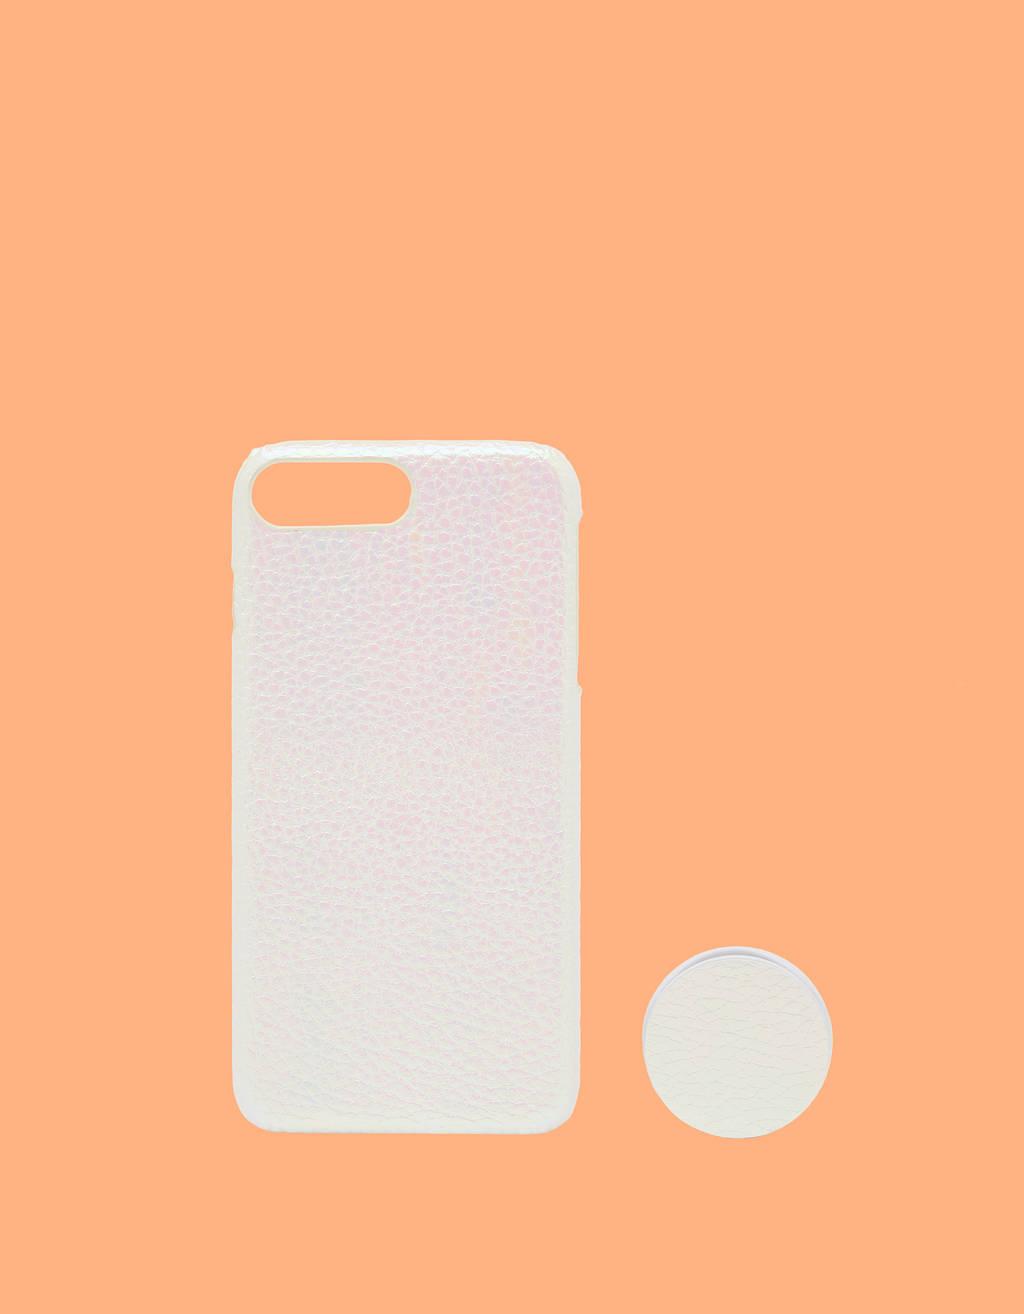 Θήκη κινητού με ενσωματωμένο δαχτυλίδι για iPhone 6 Plus / 7 Plus / 8 Plus